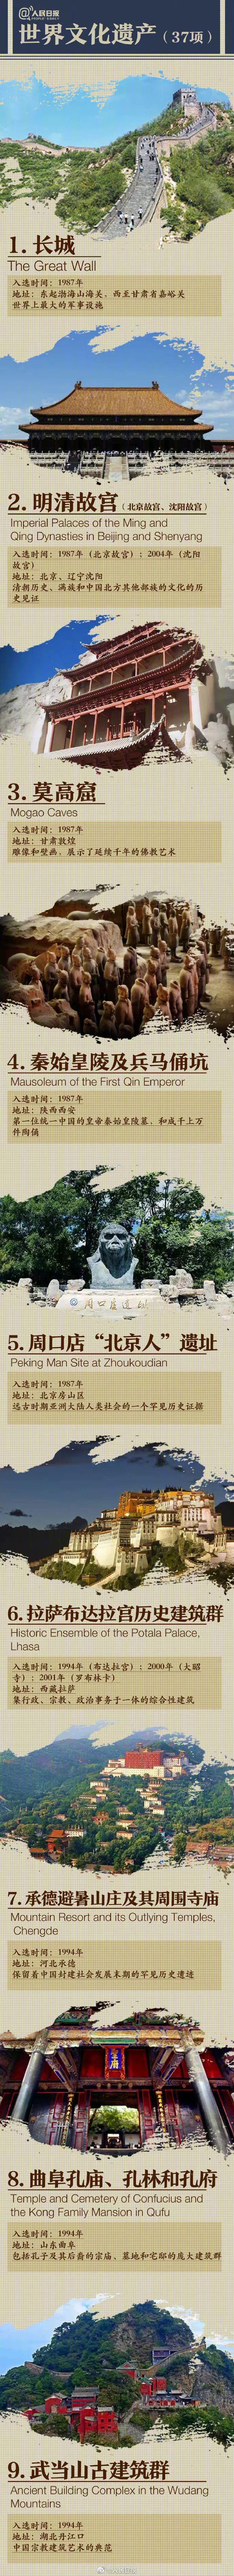 中国55项世界遗产,你知道多少?长图带你看